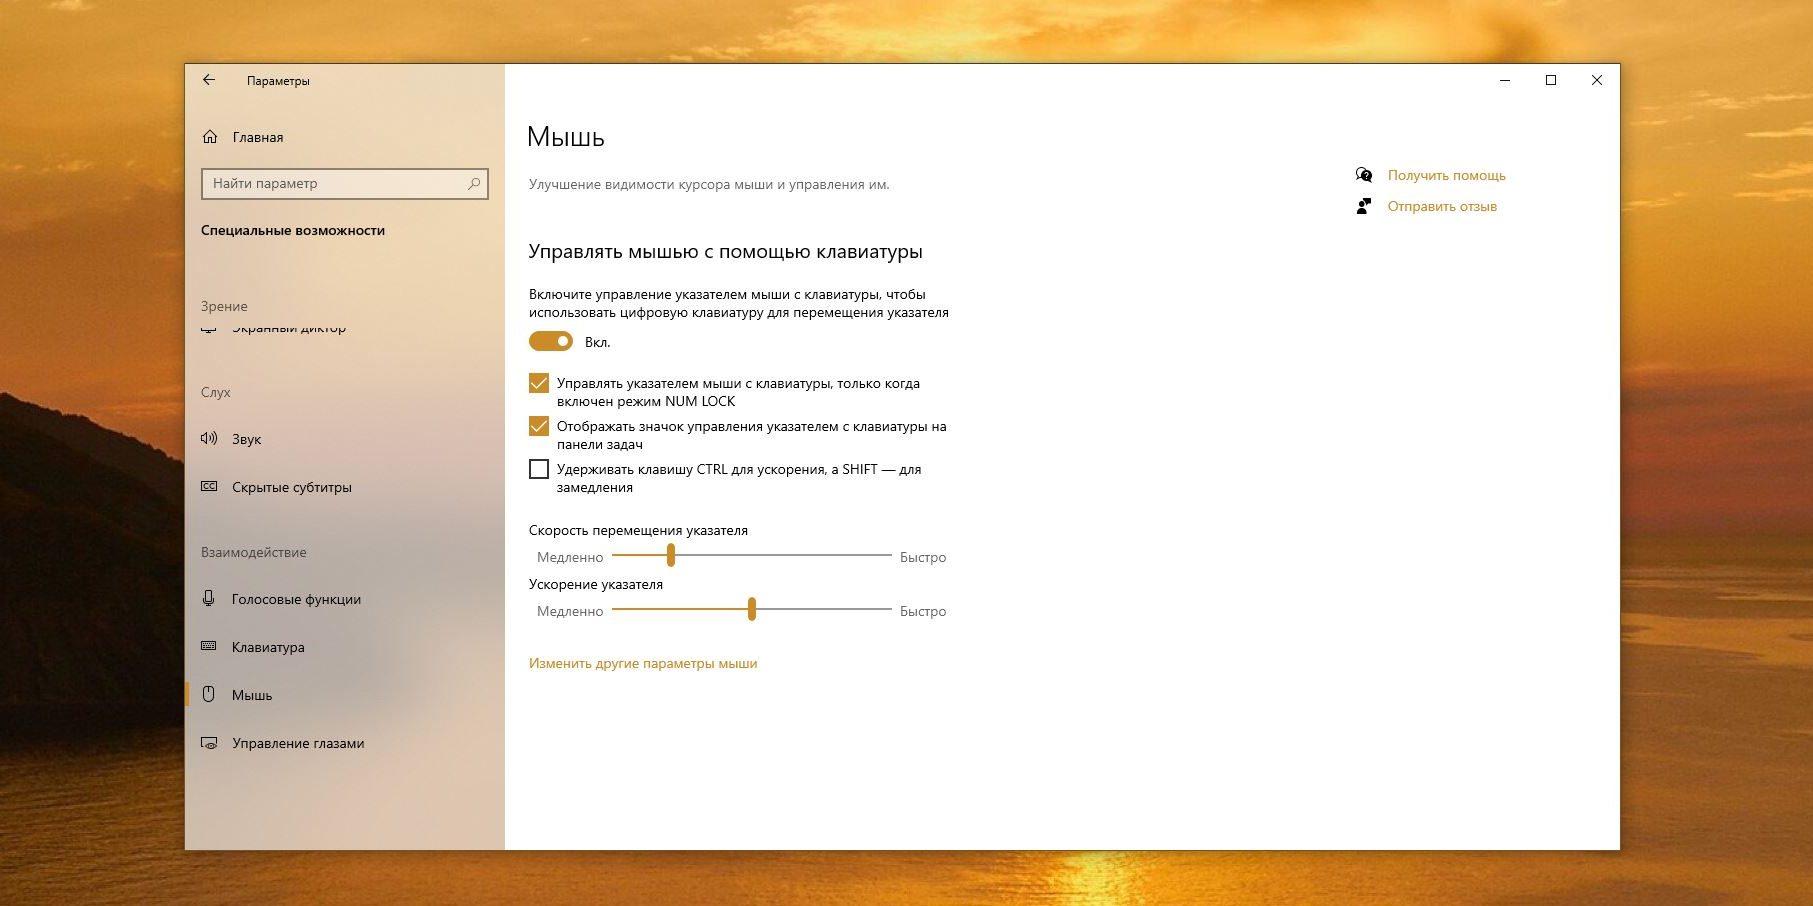 не работает ноутбук: Если сломалась мышь или тачпад